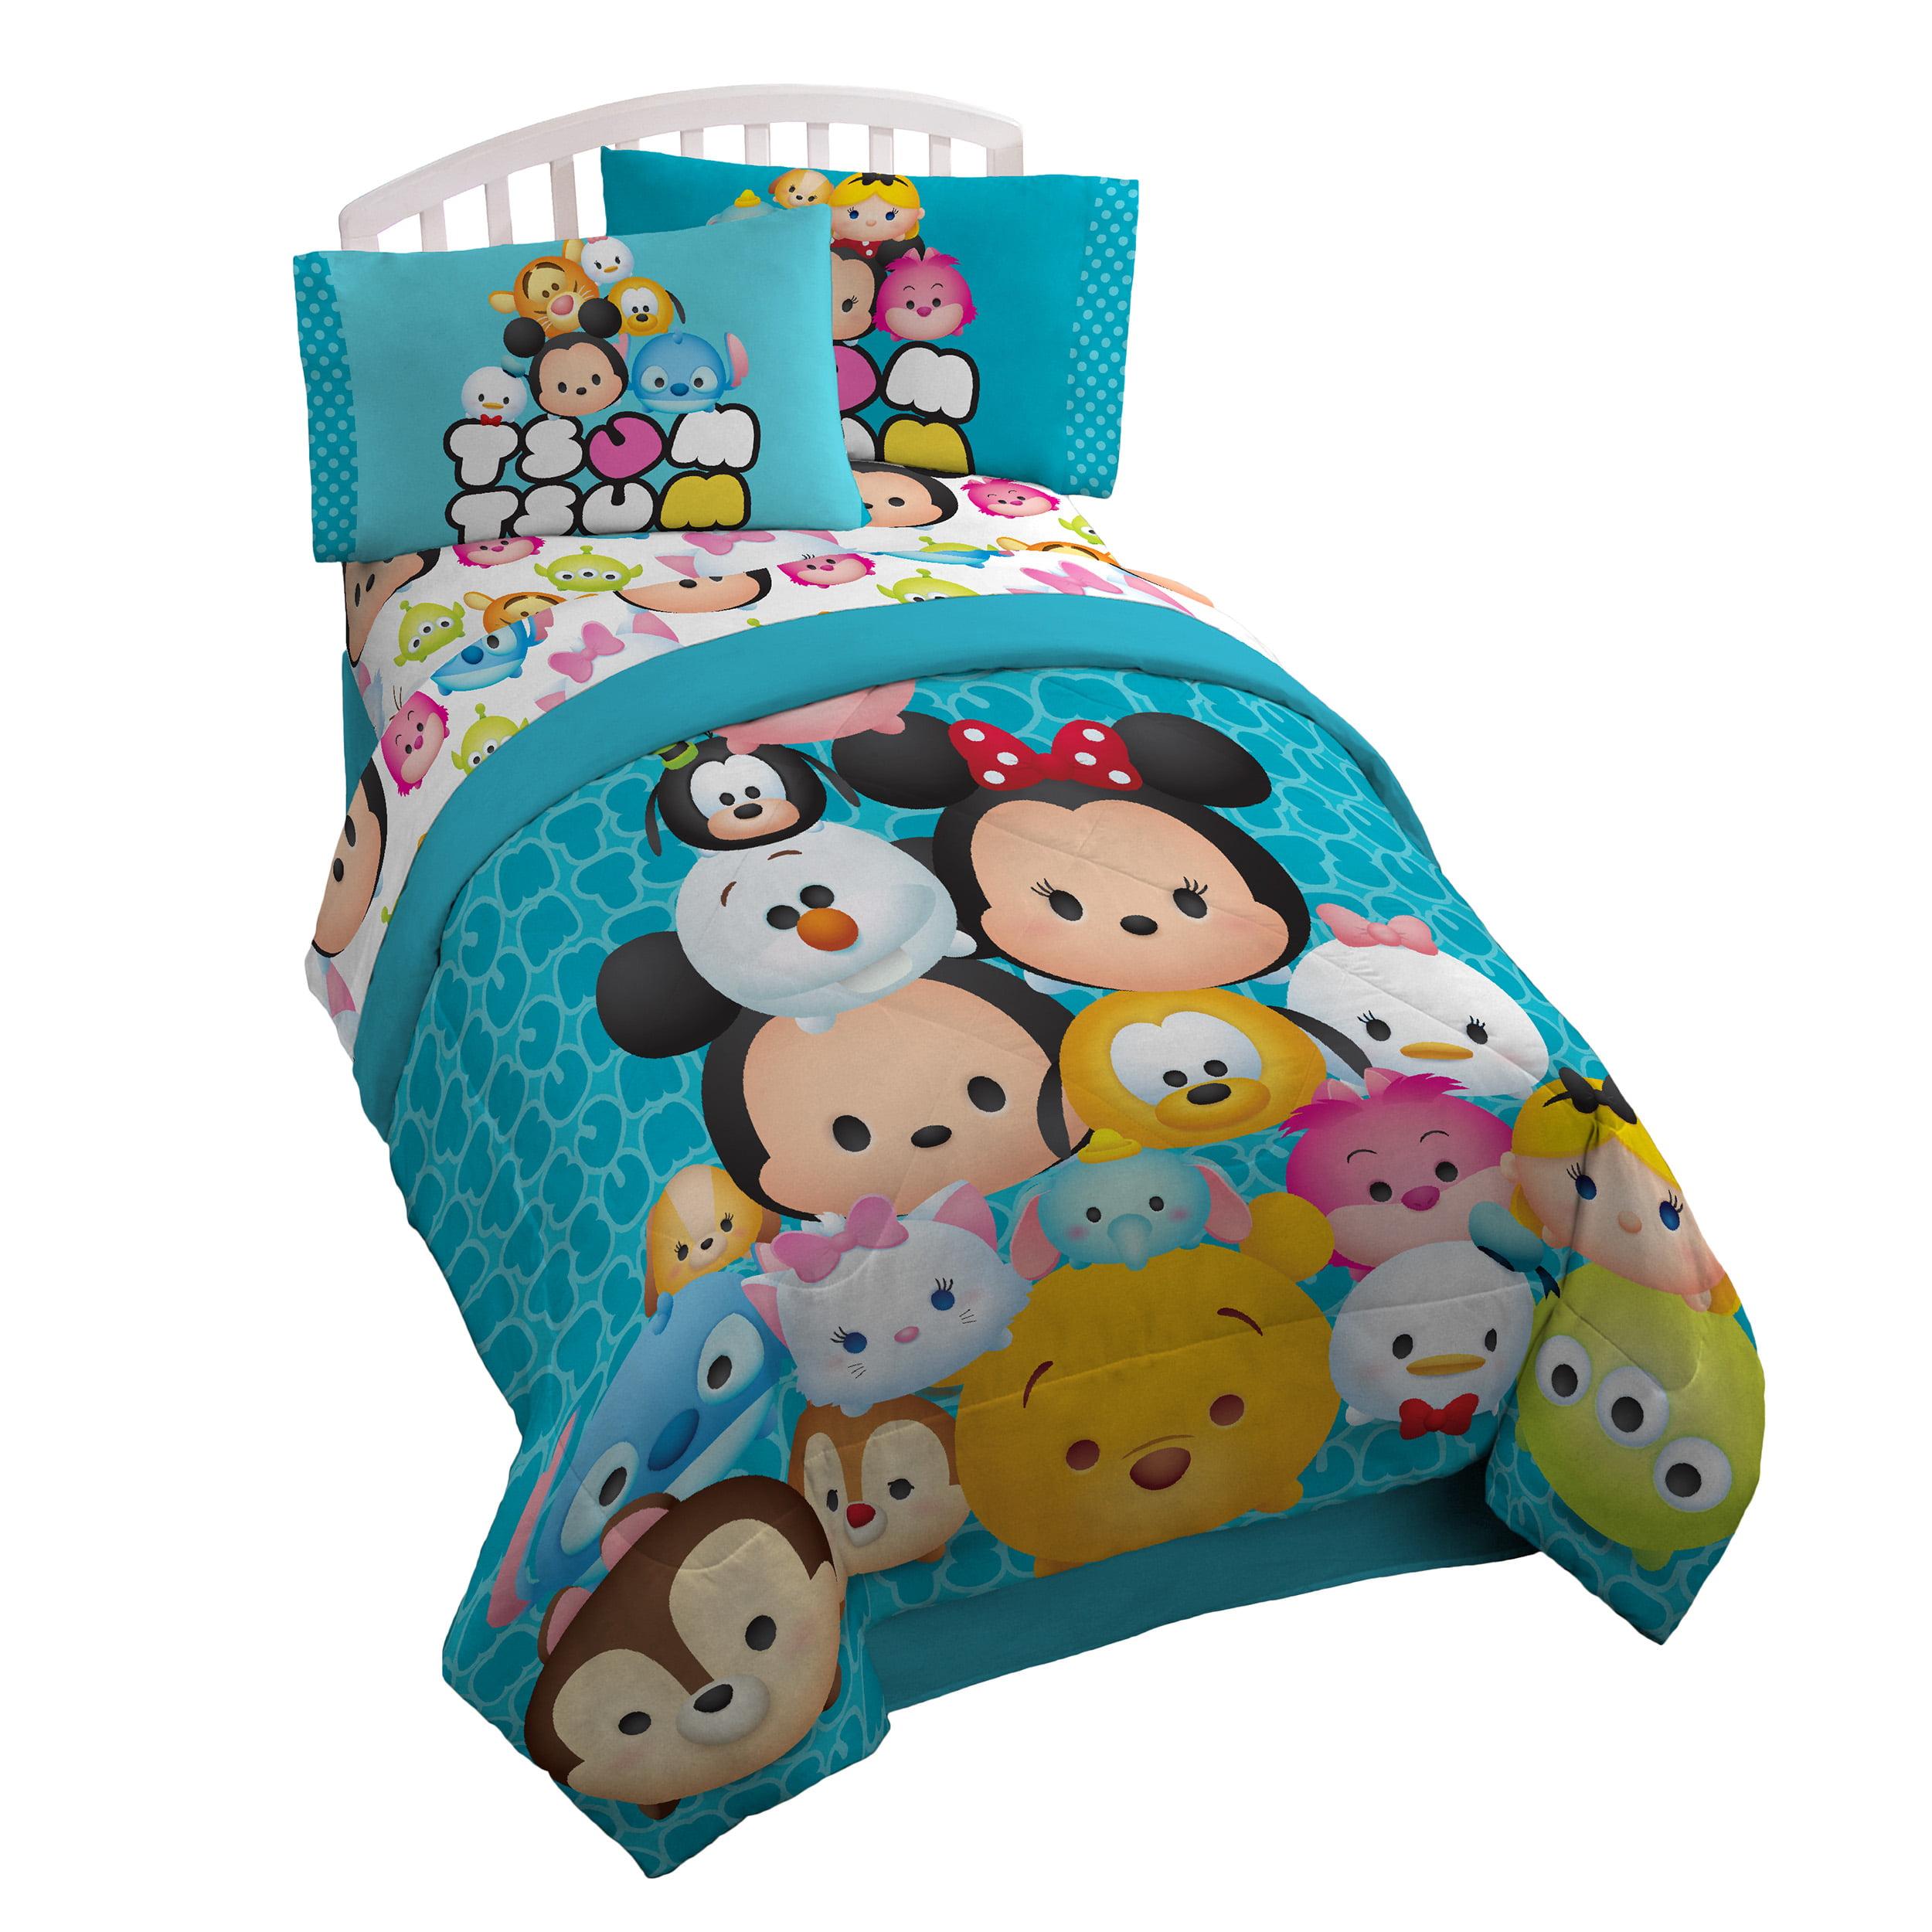 Disney Tsum Tsum Mash Up Teal Twin/Full Comforter